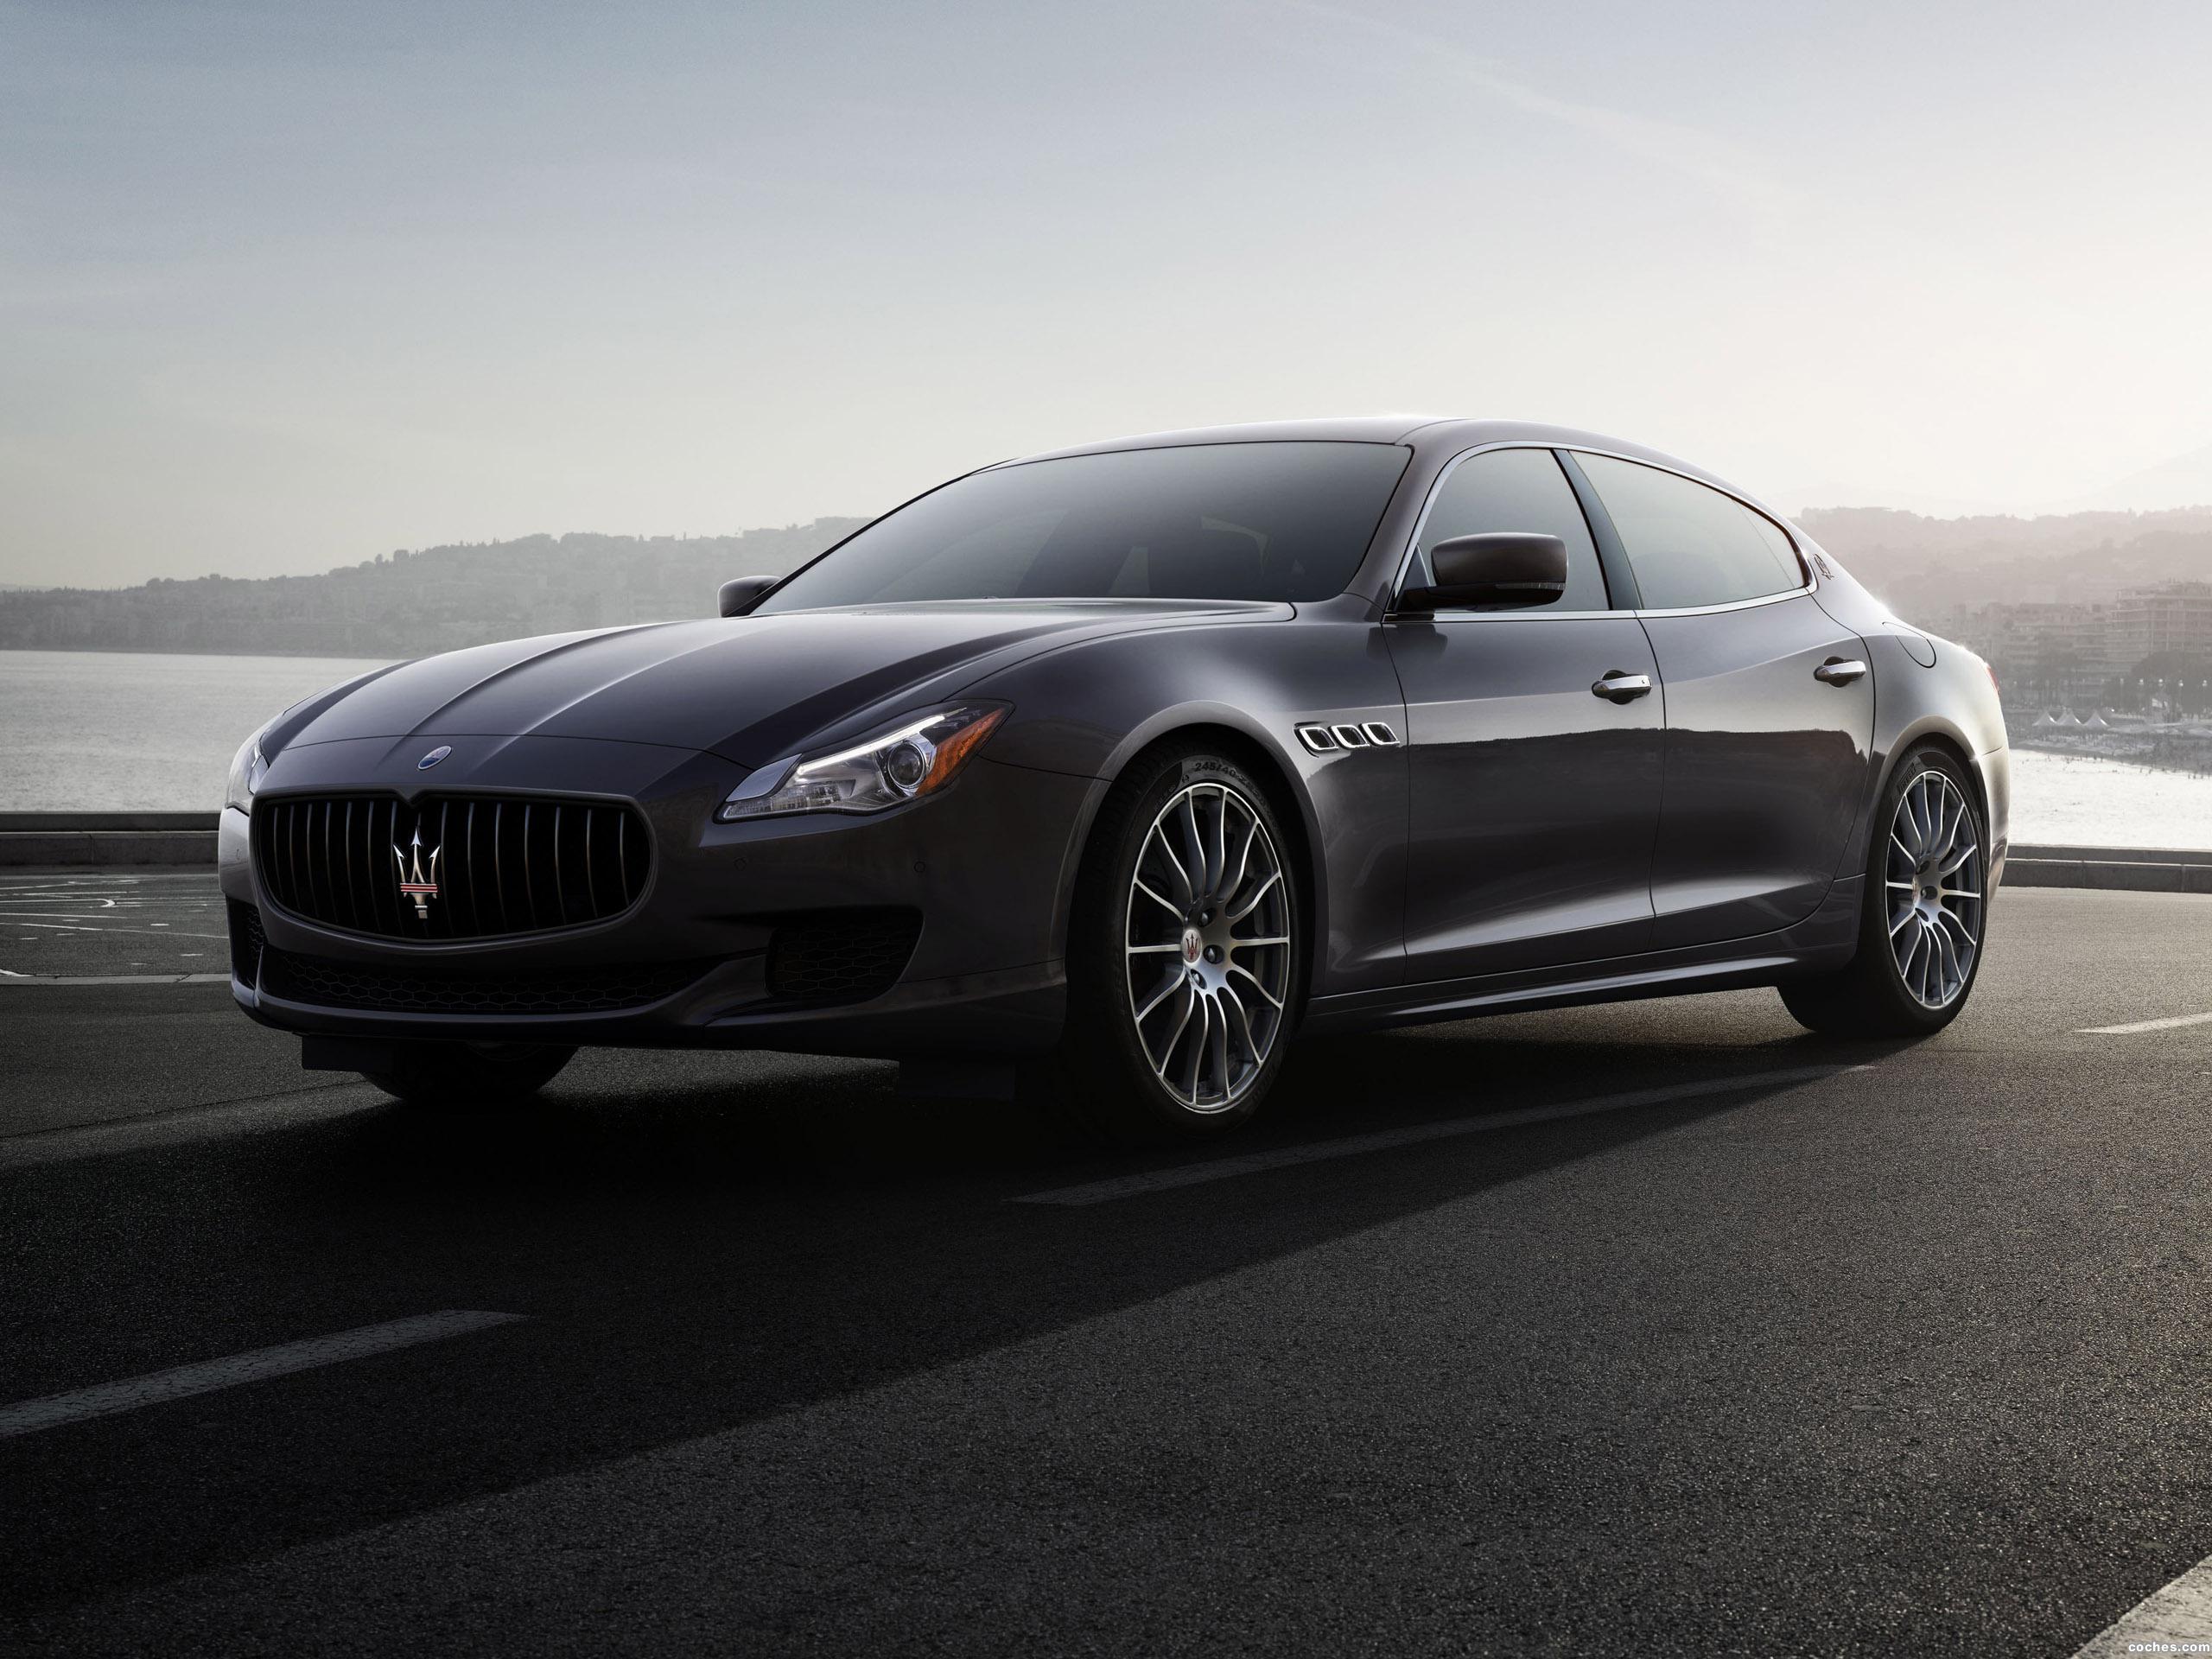 Foto 0 de Maserati Quattroporte GTS 2015